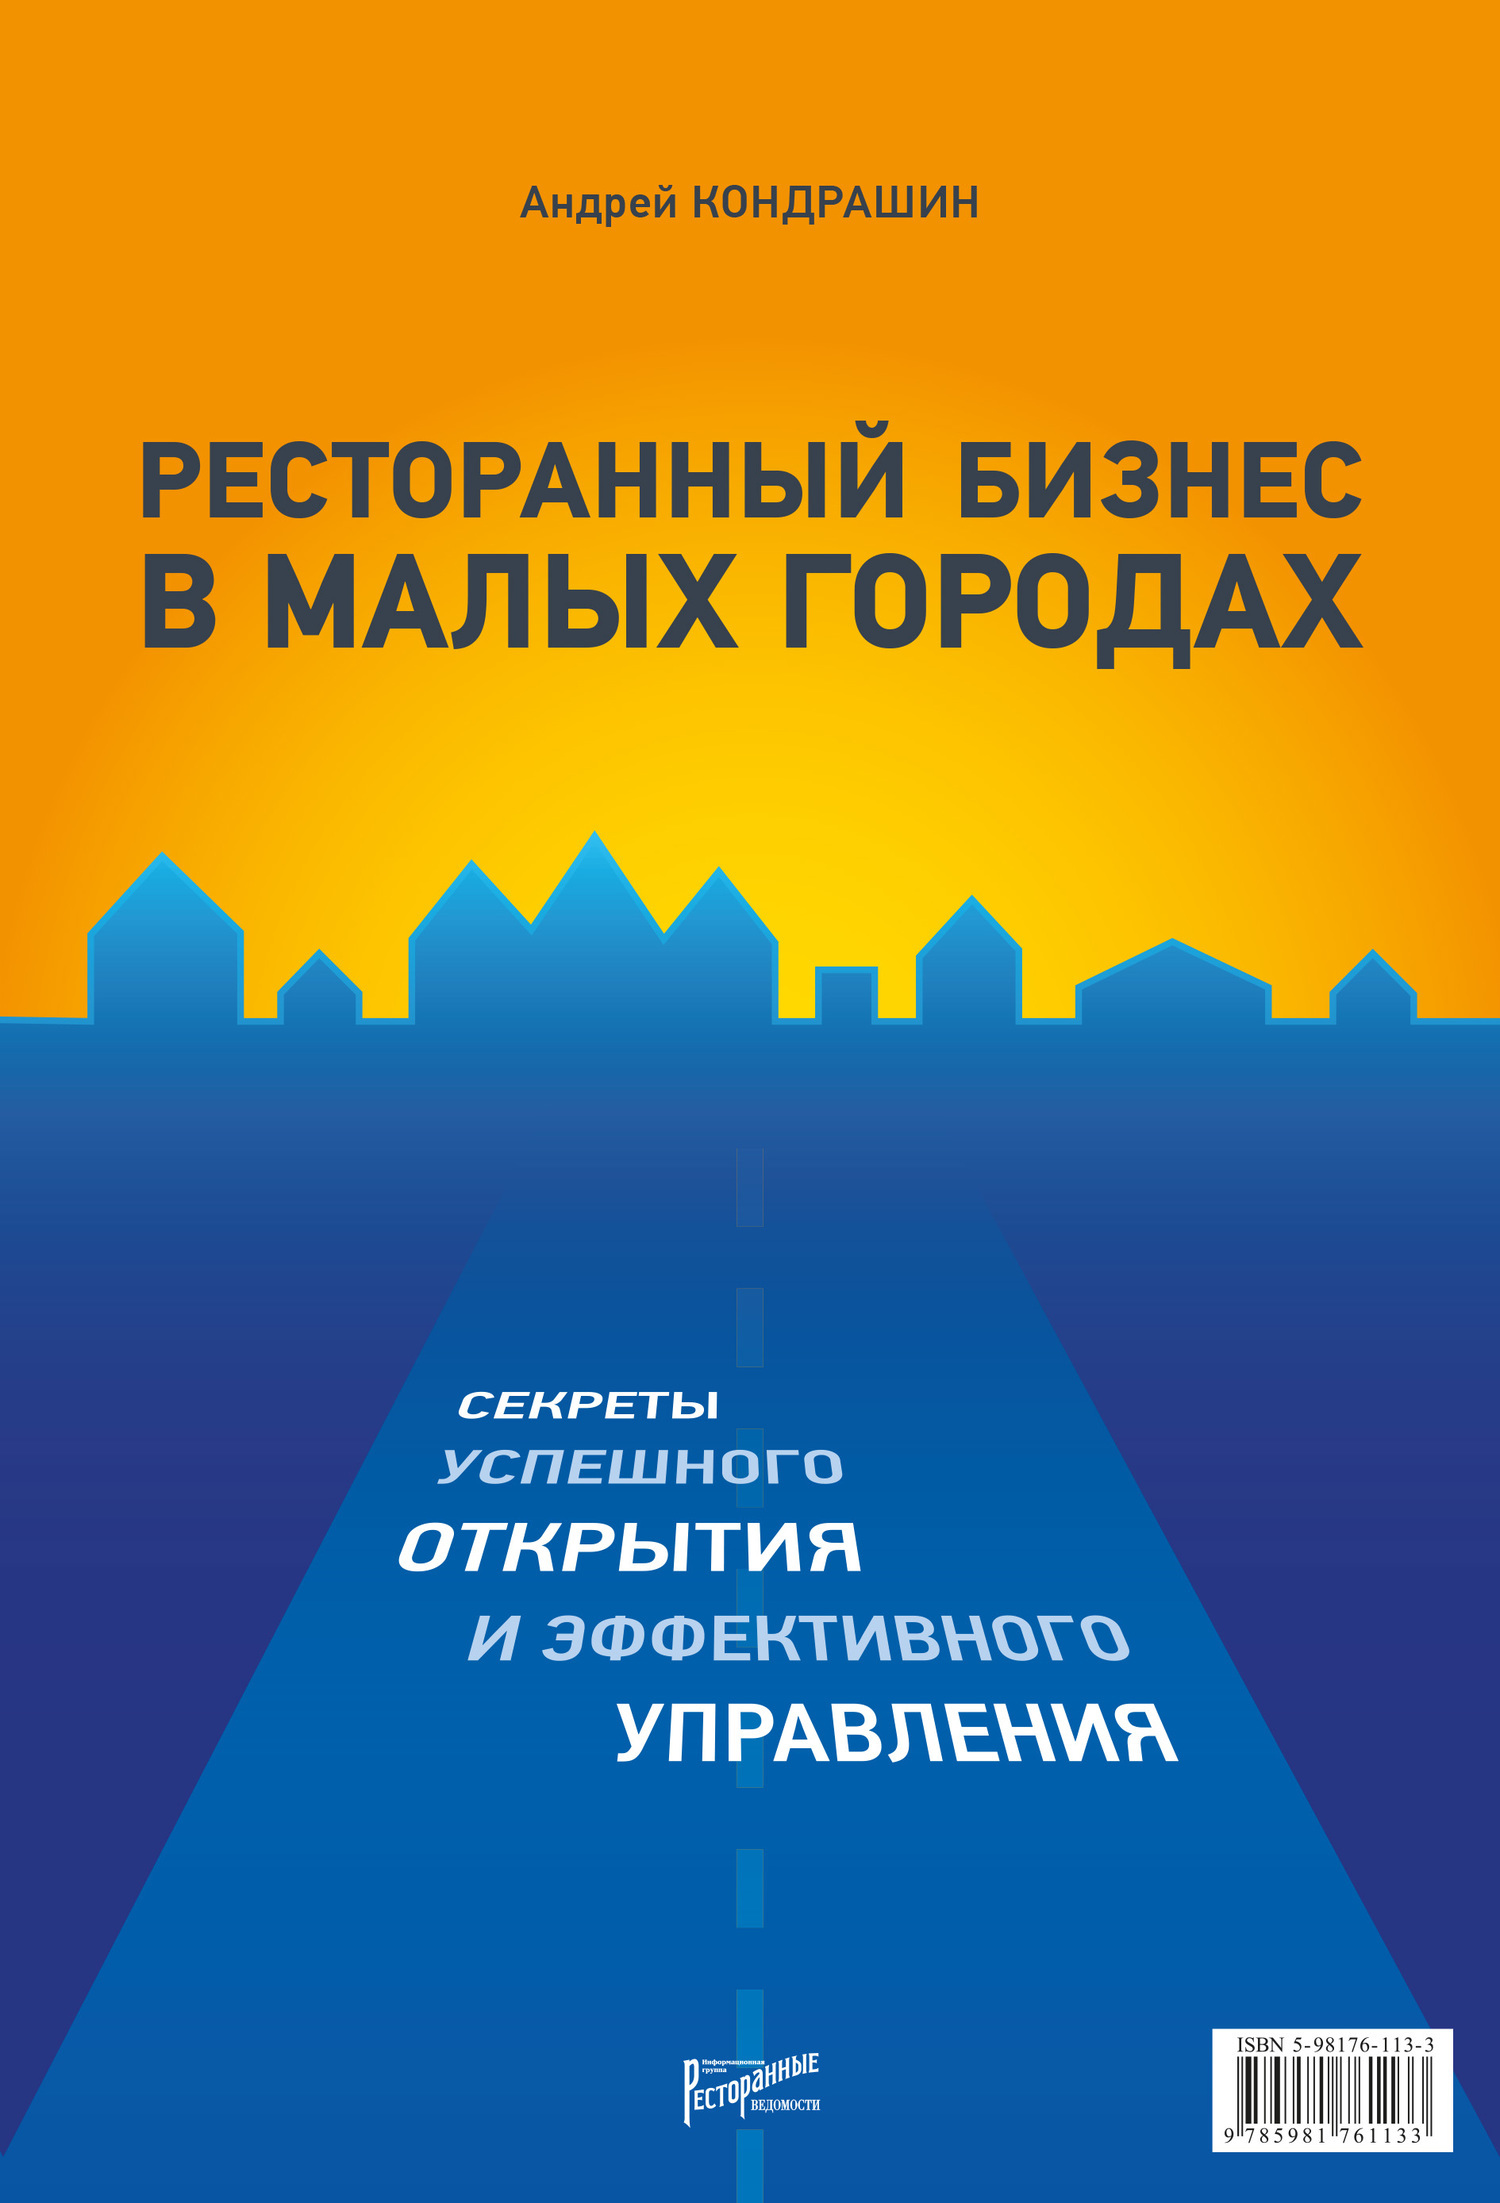 Обложка книги Ресторанный бизнес в малых городах. Секреты успешного открытия и эффективного управления